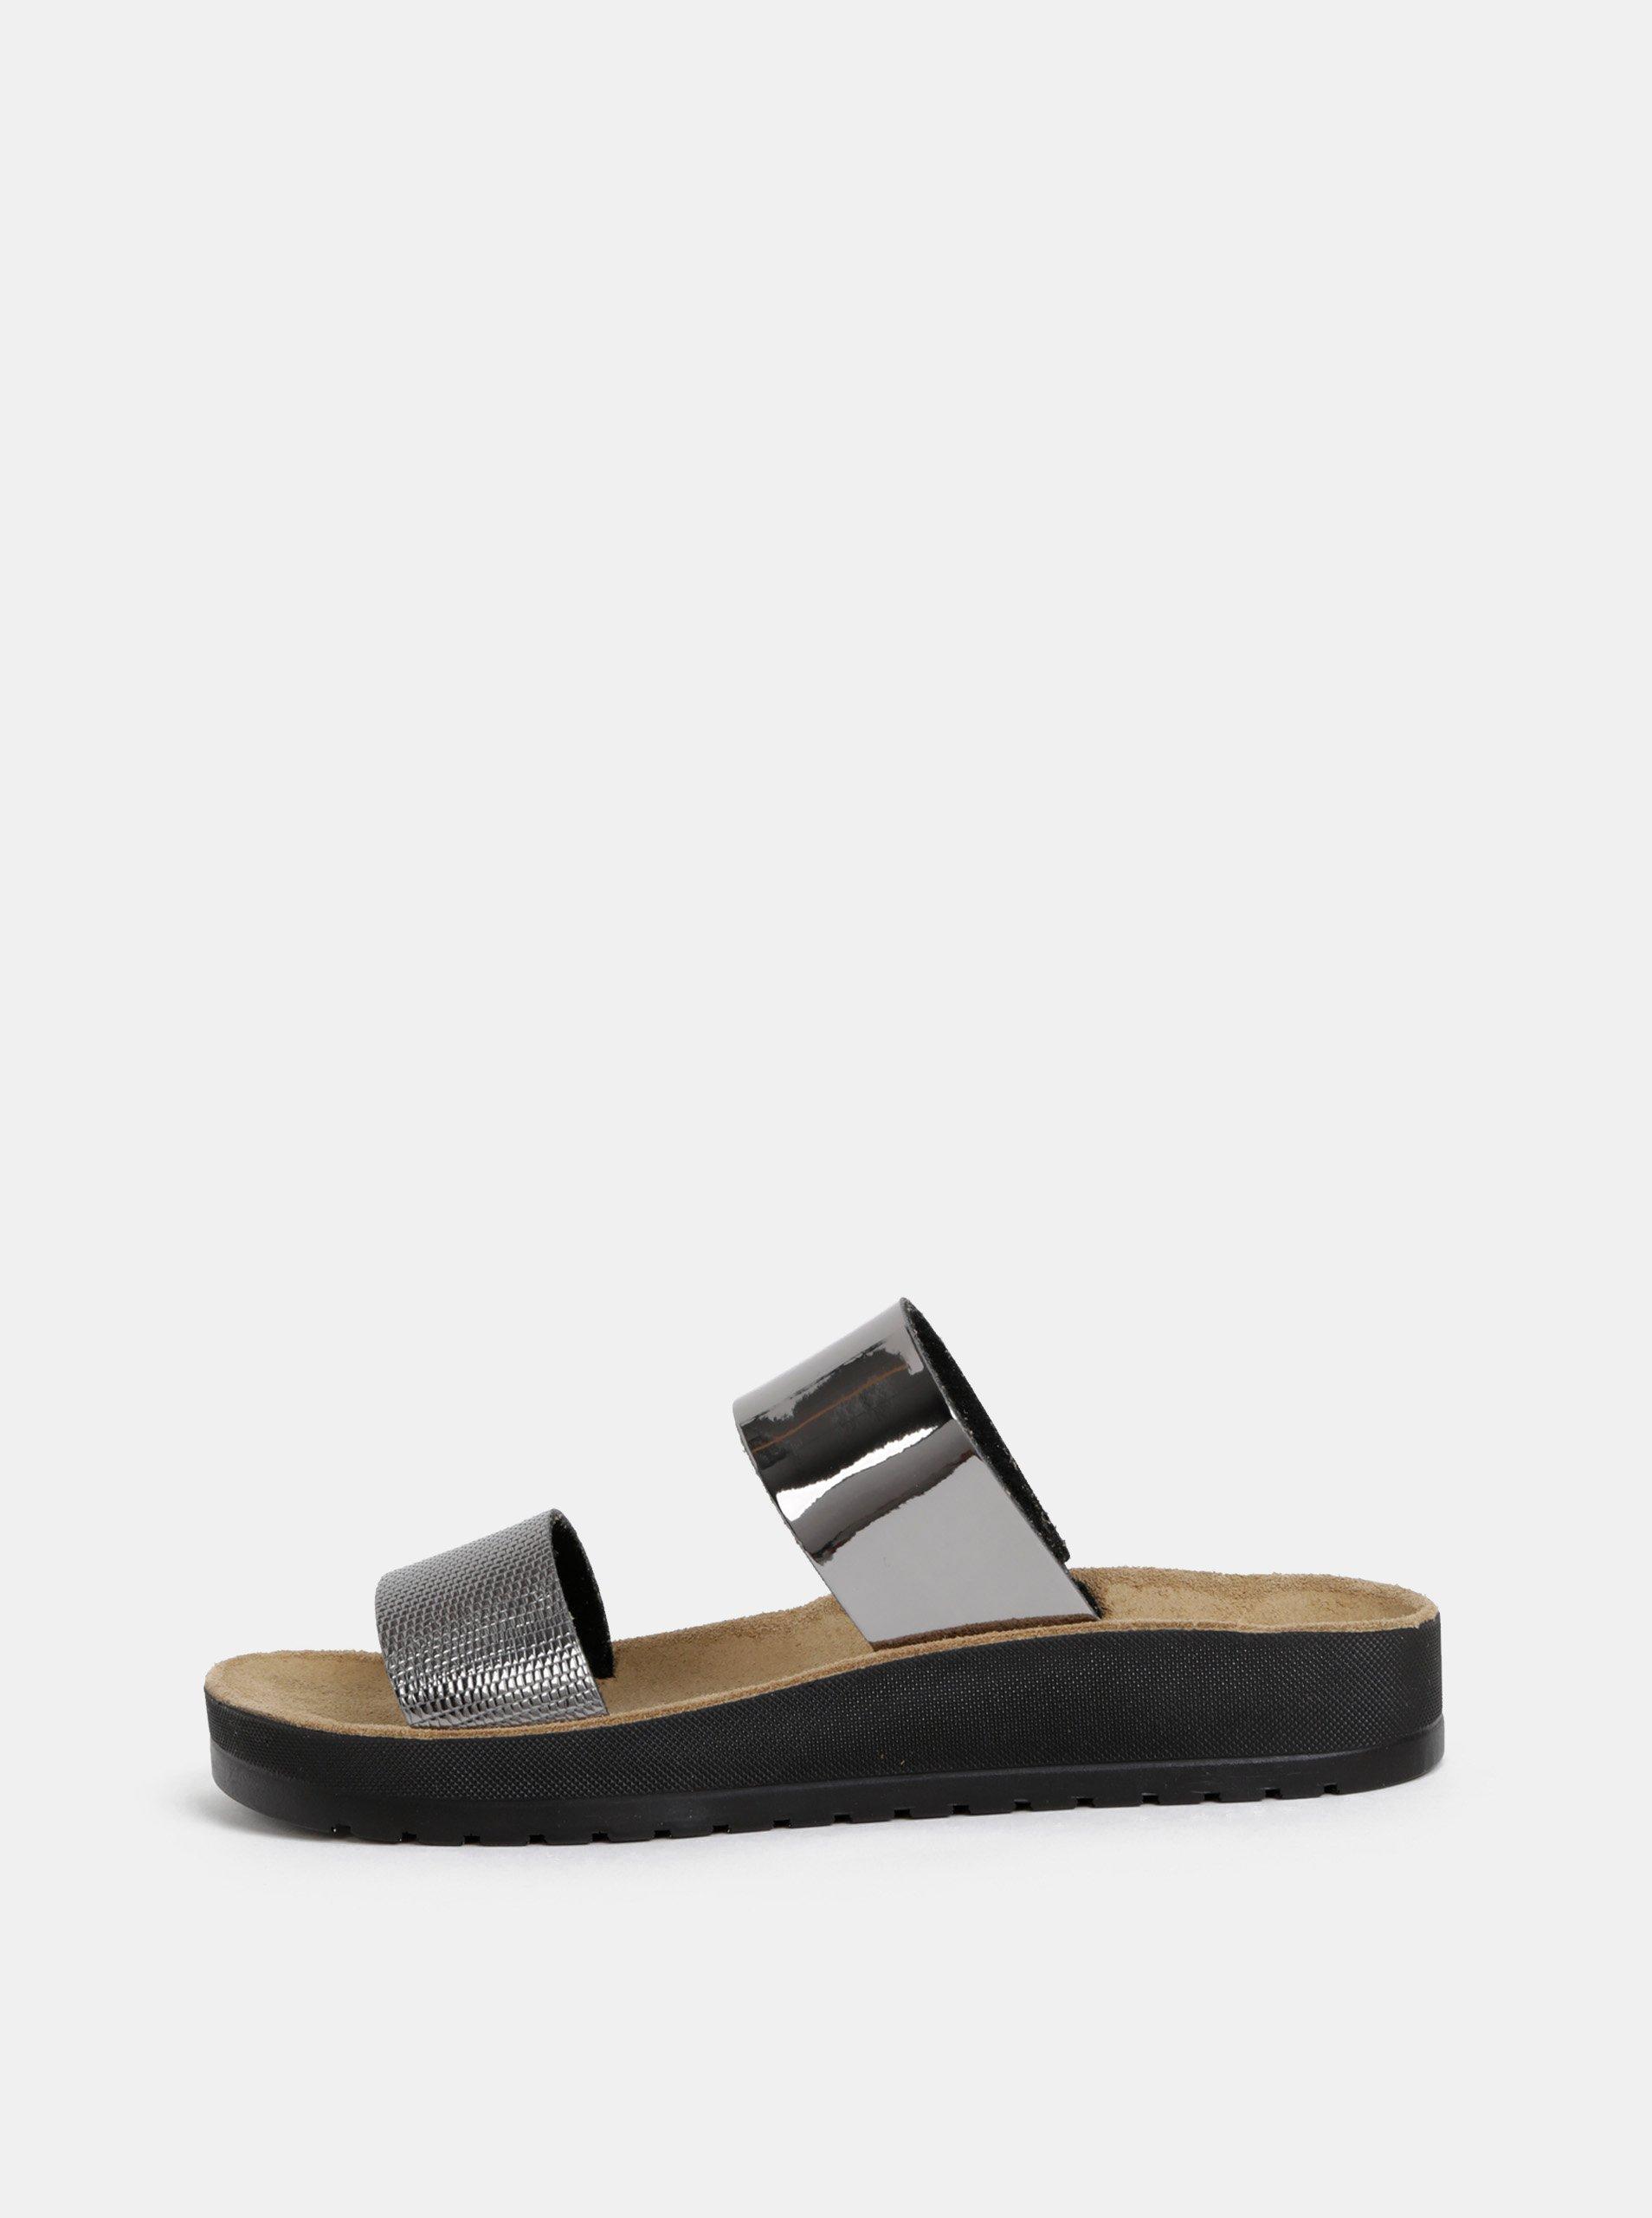 Dámské pantofle ve stříbrné barvě Scholl Cynthia Scholl